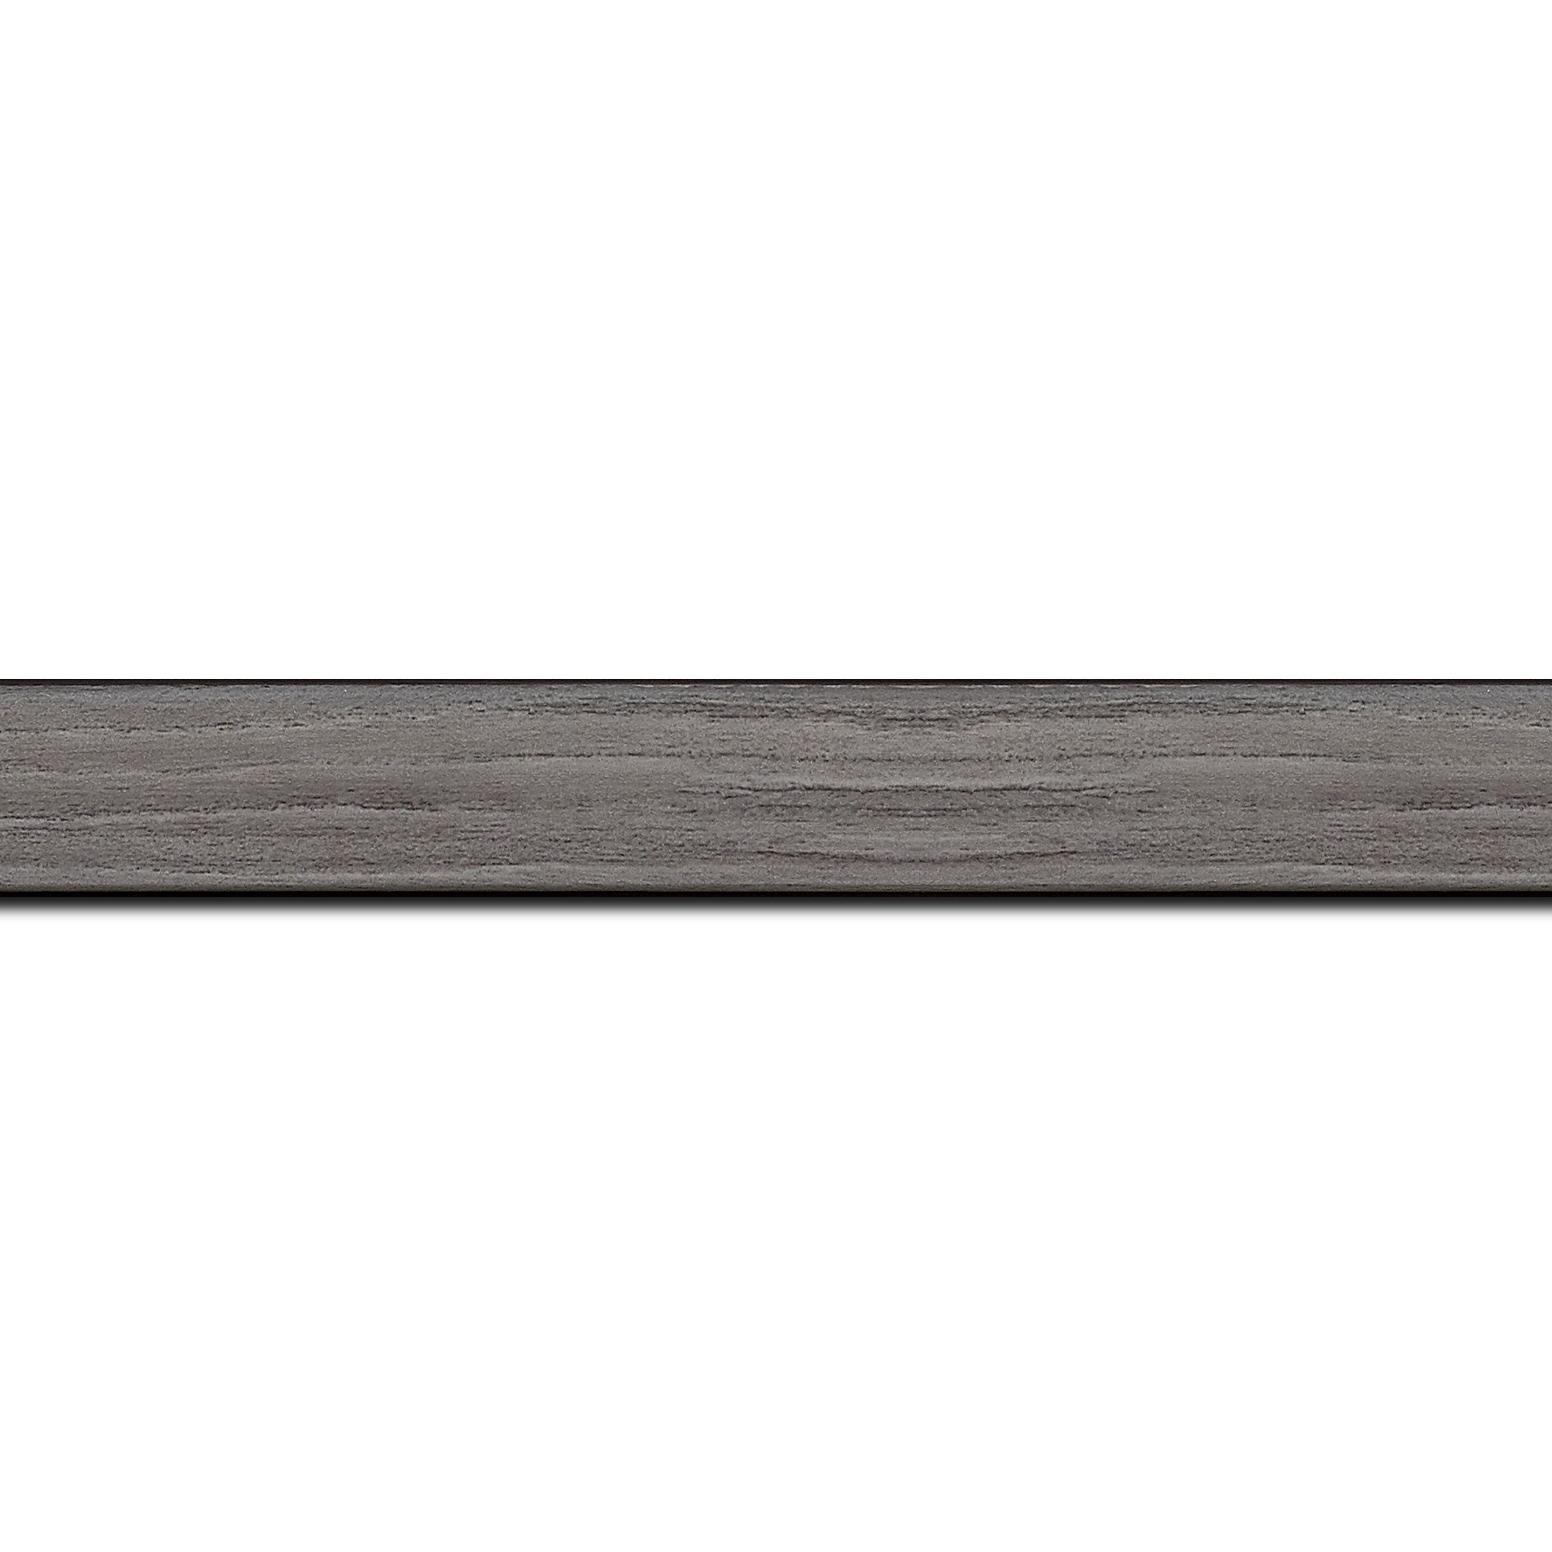 Baguette longueur 1.40m bois profil plat largeur 2cm décor bois gris